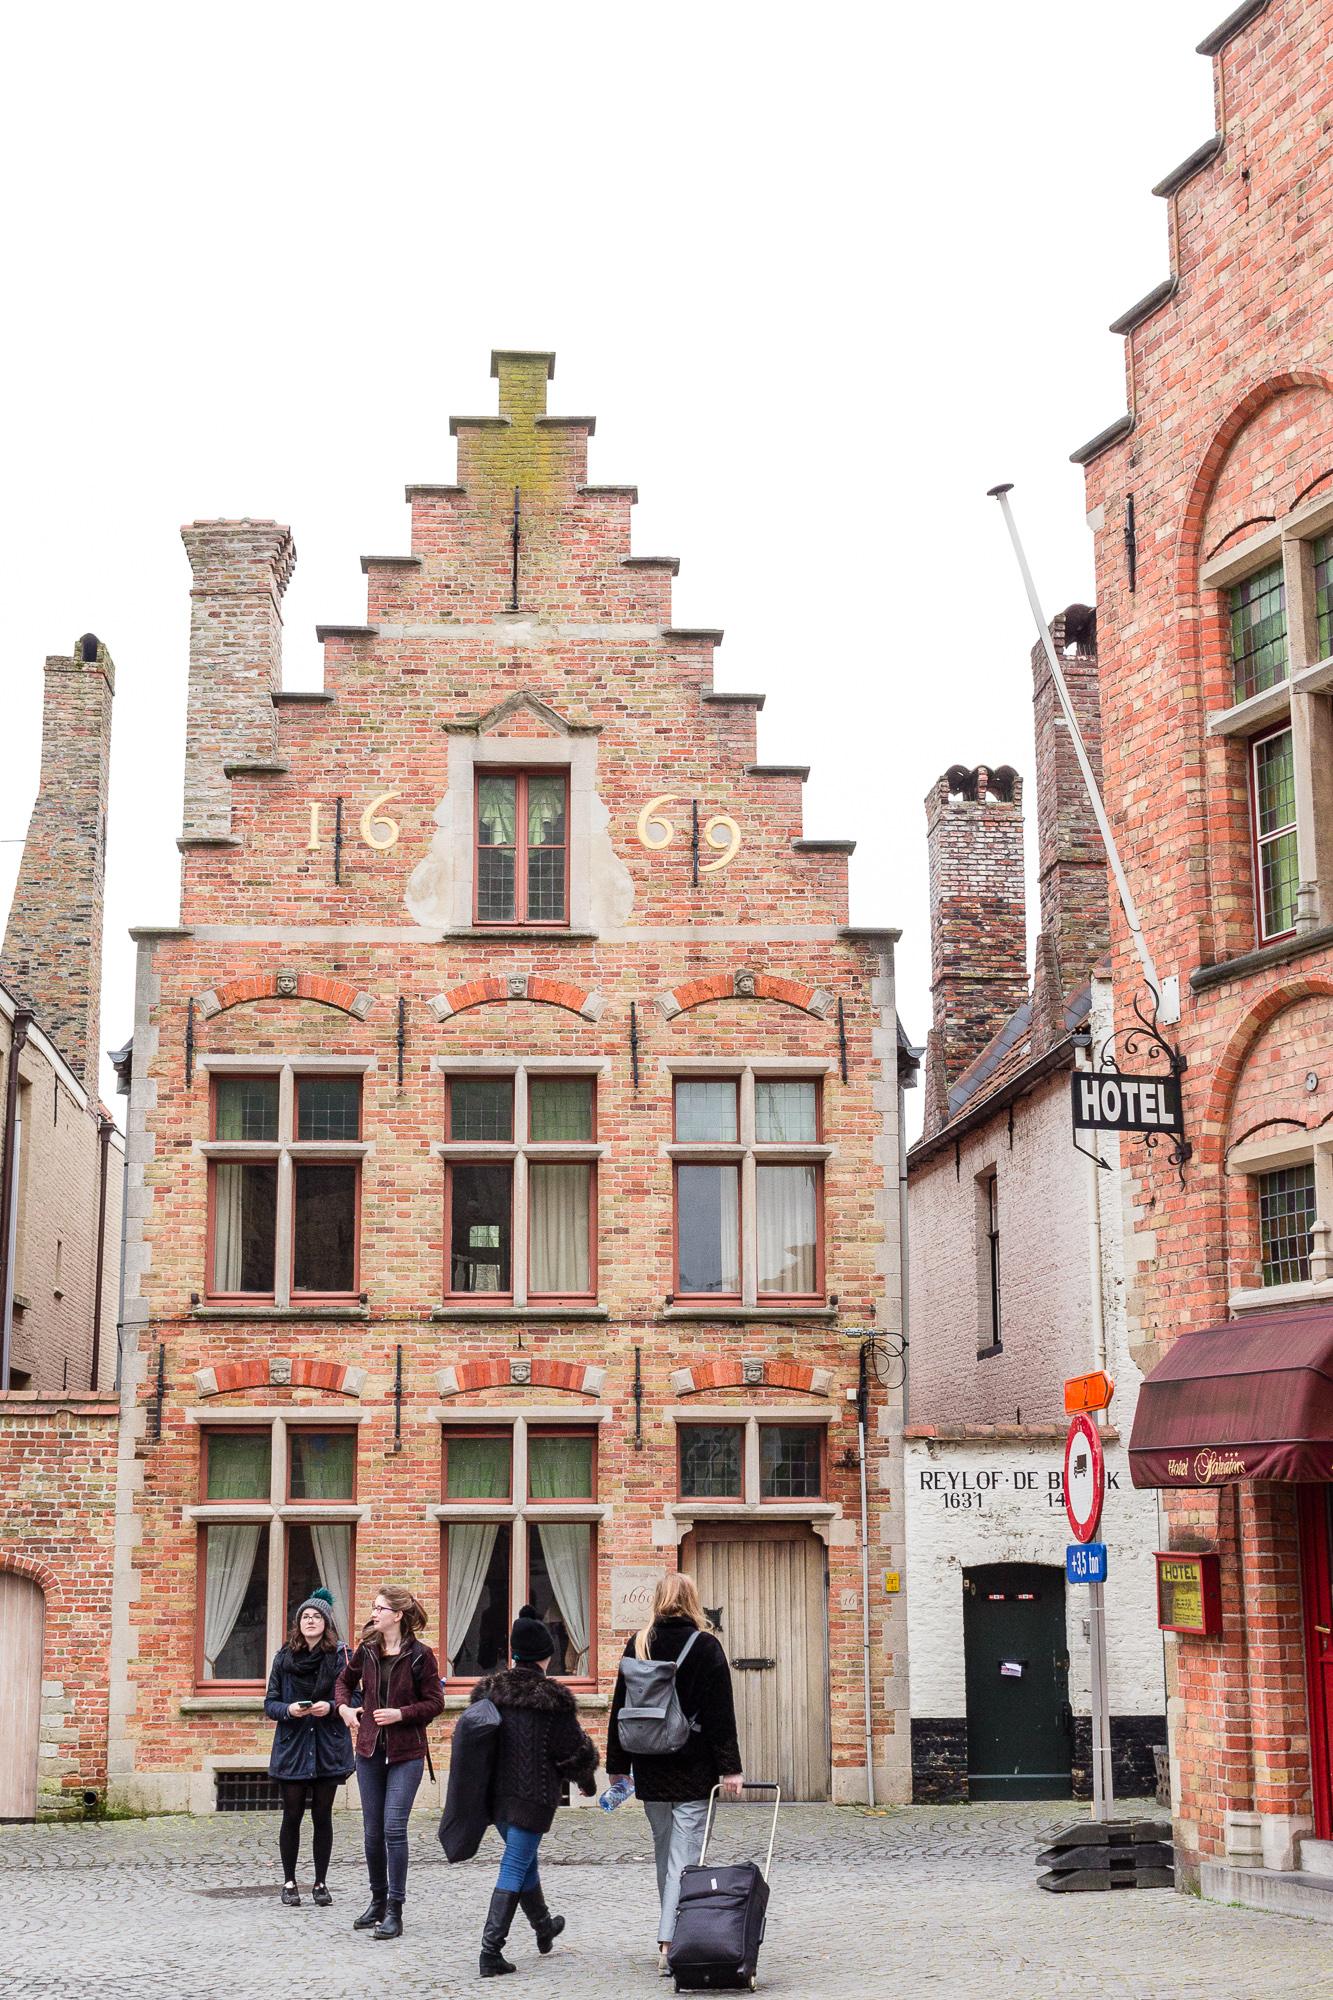 Pignon à gradins ou redents de Bruges, Belgique